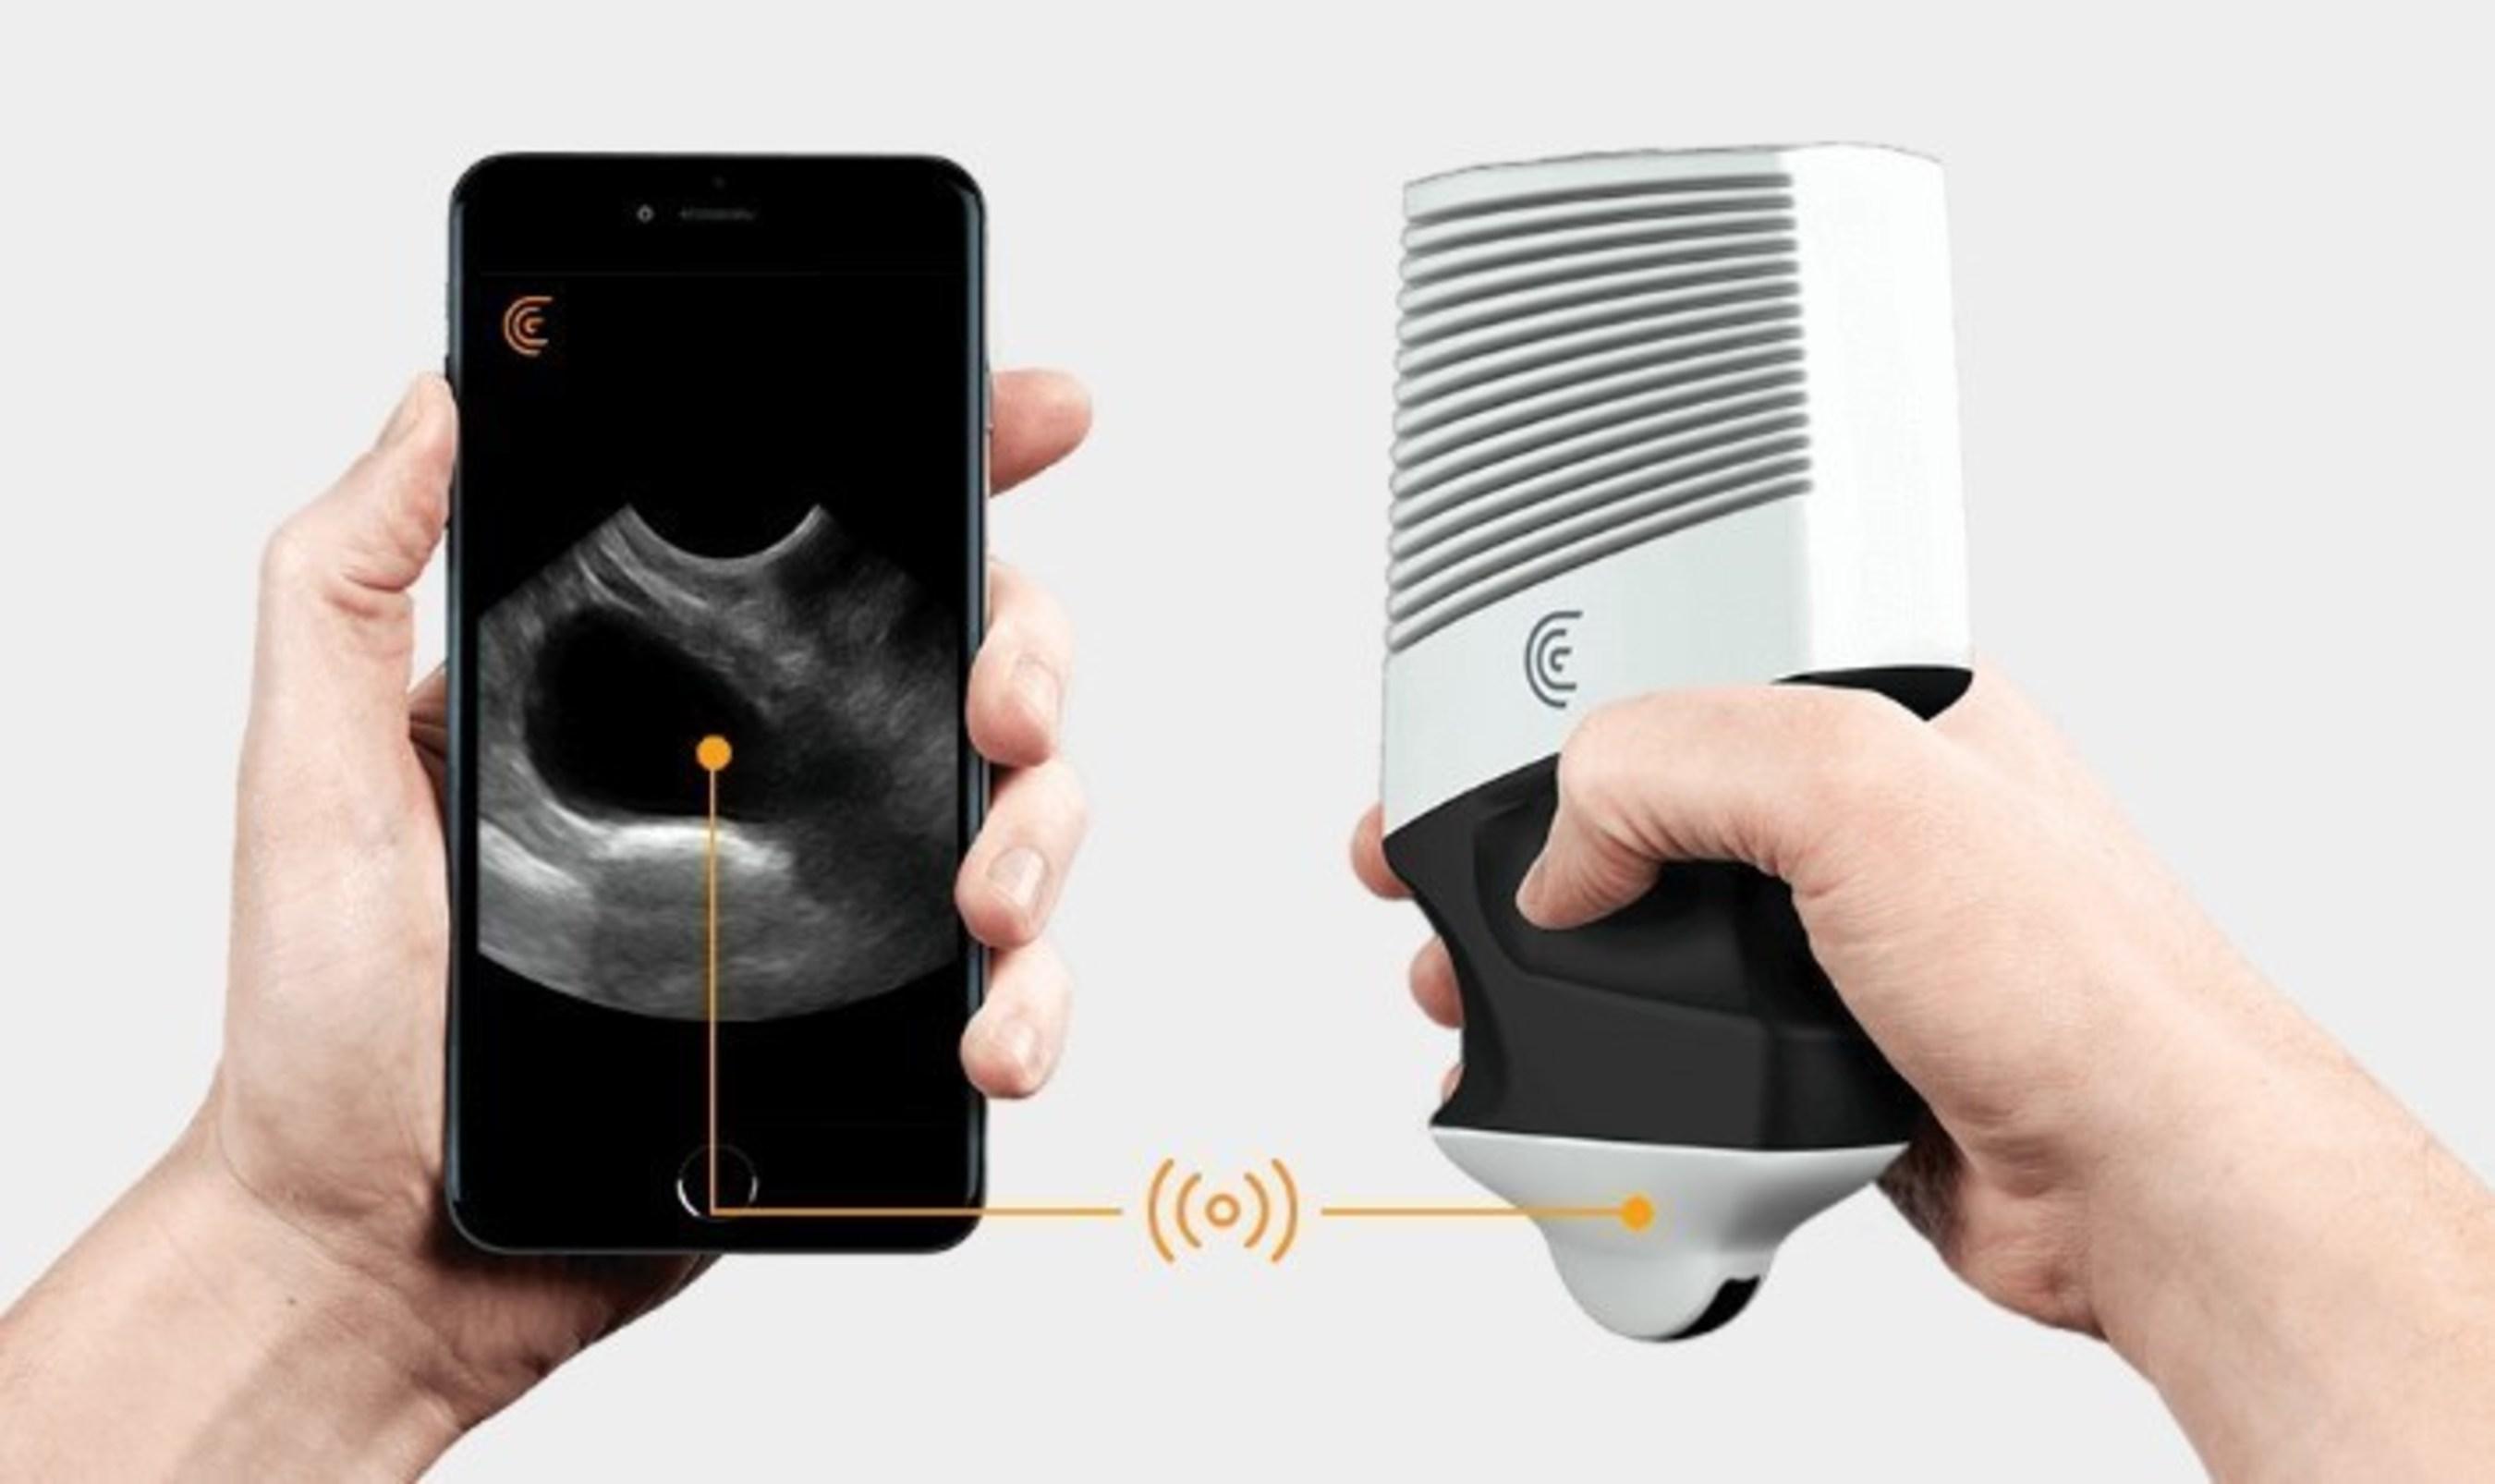 スマートフォン用のワイヤレス超音波スキャナー獣医にとって手頃なオプション